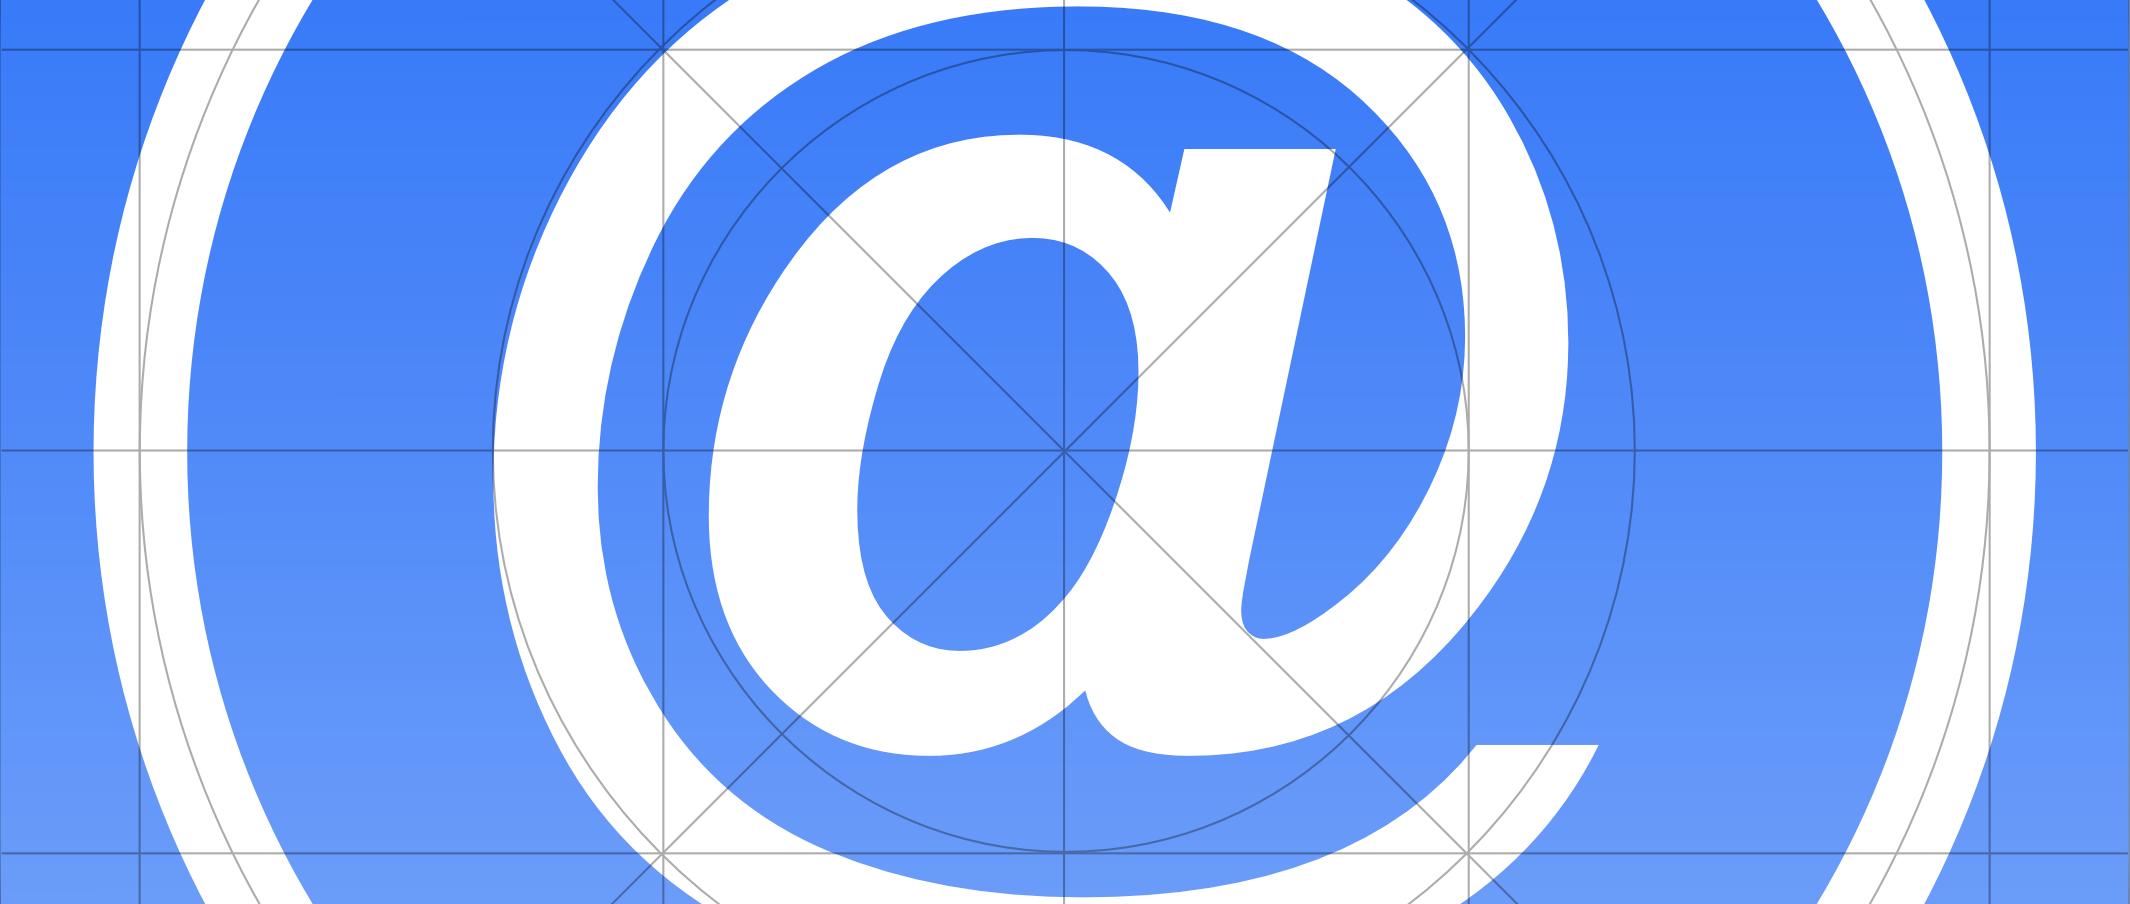 Design iOS icons in Affinity Designer — ZKARJ dot ME